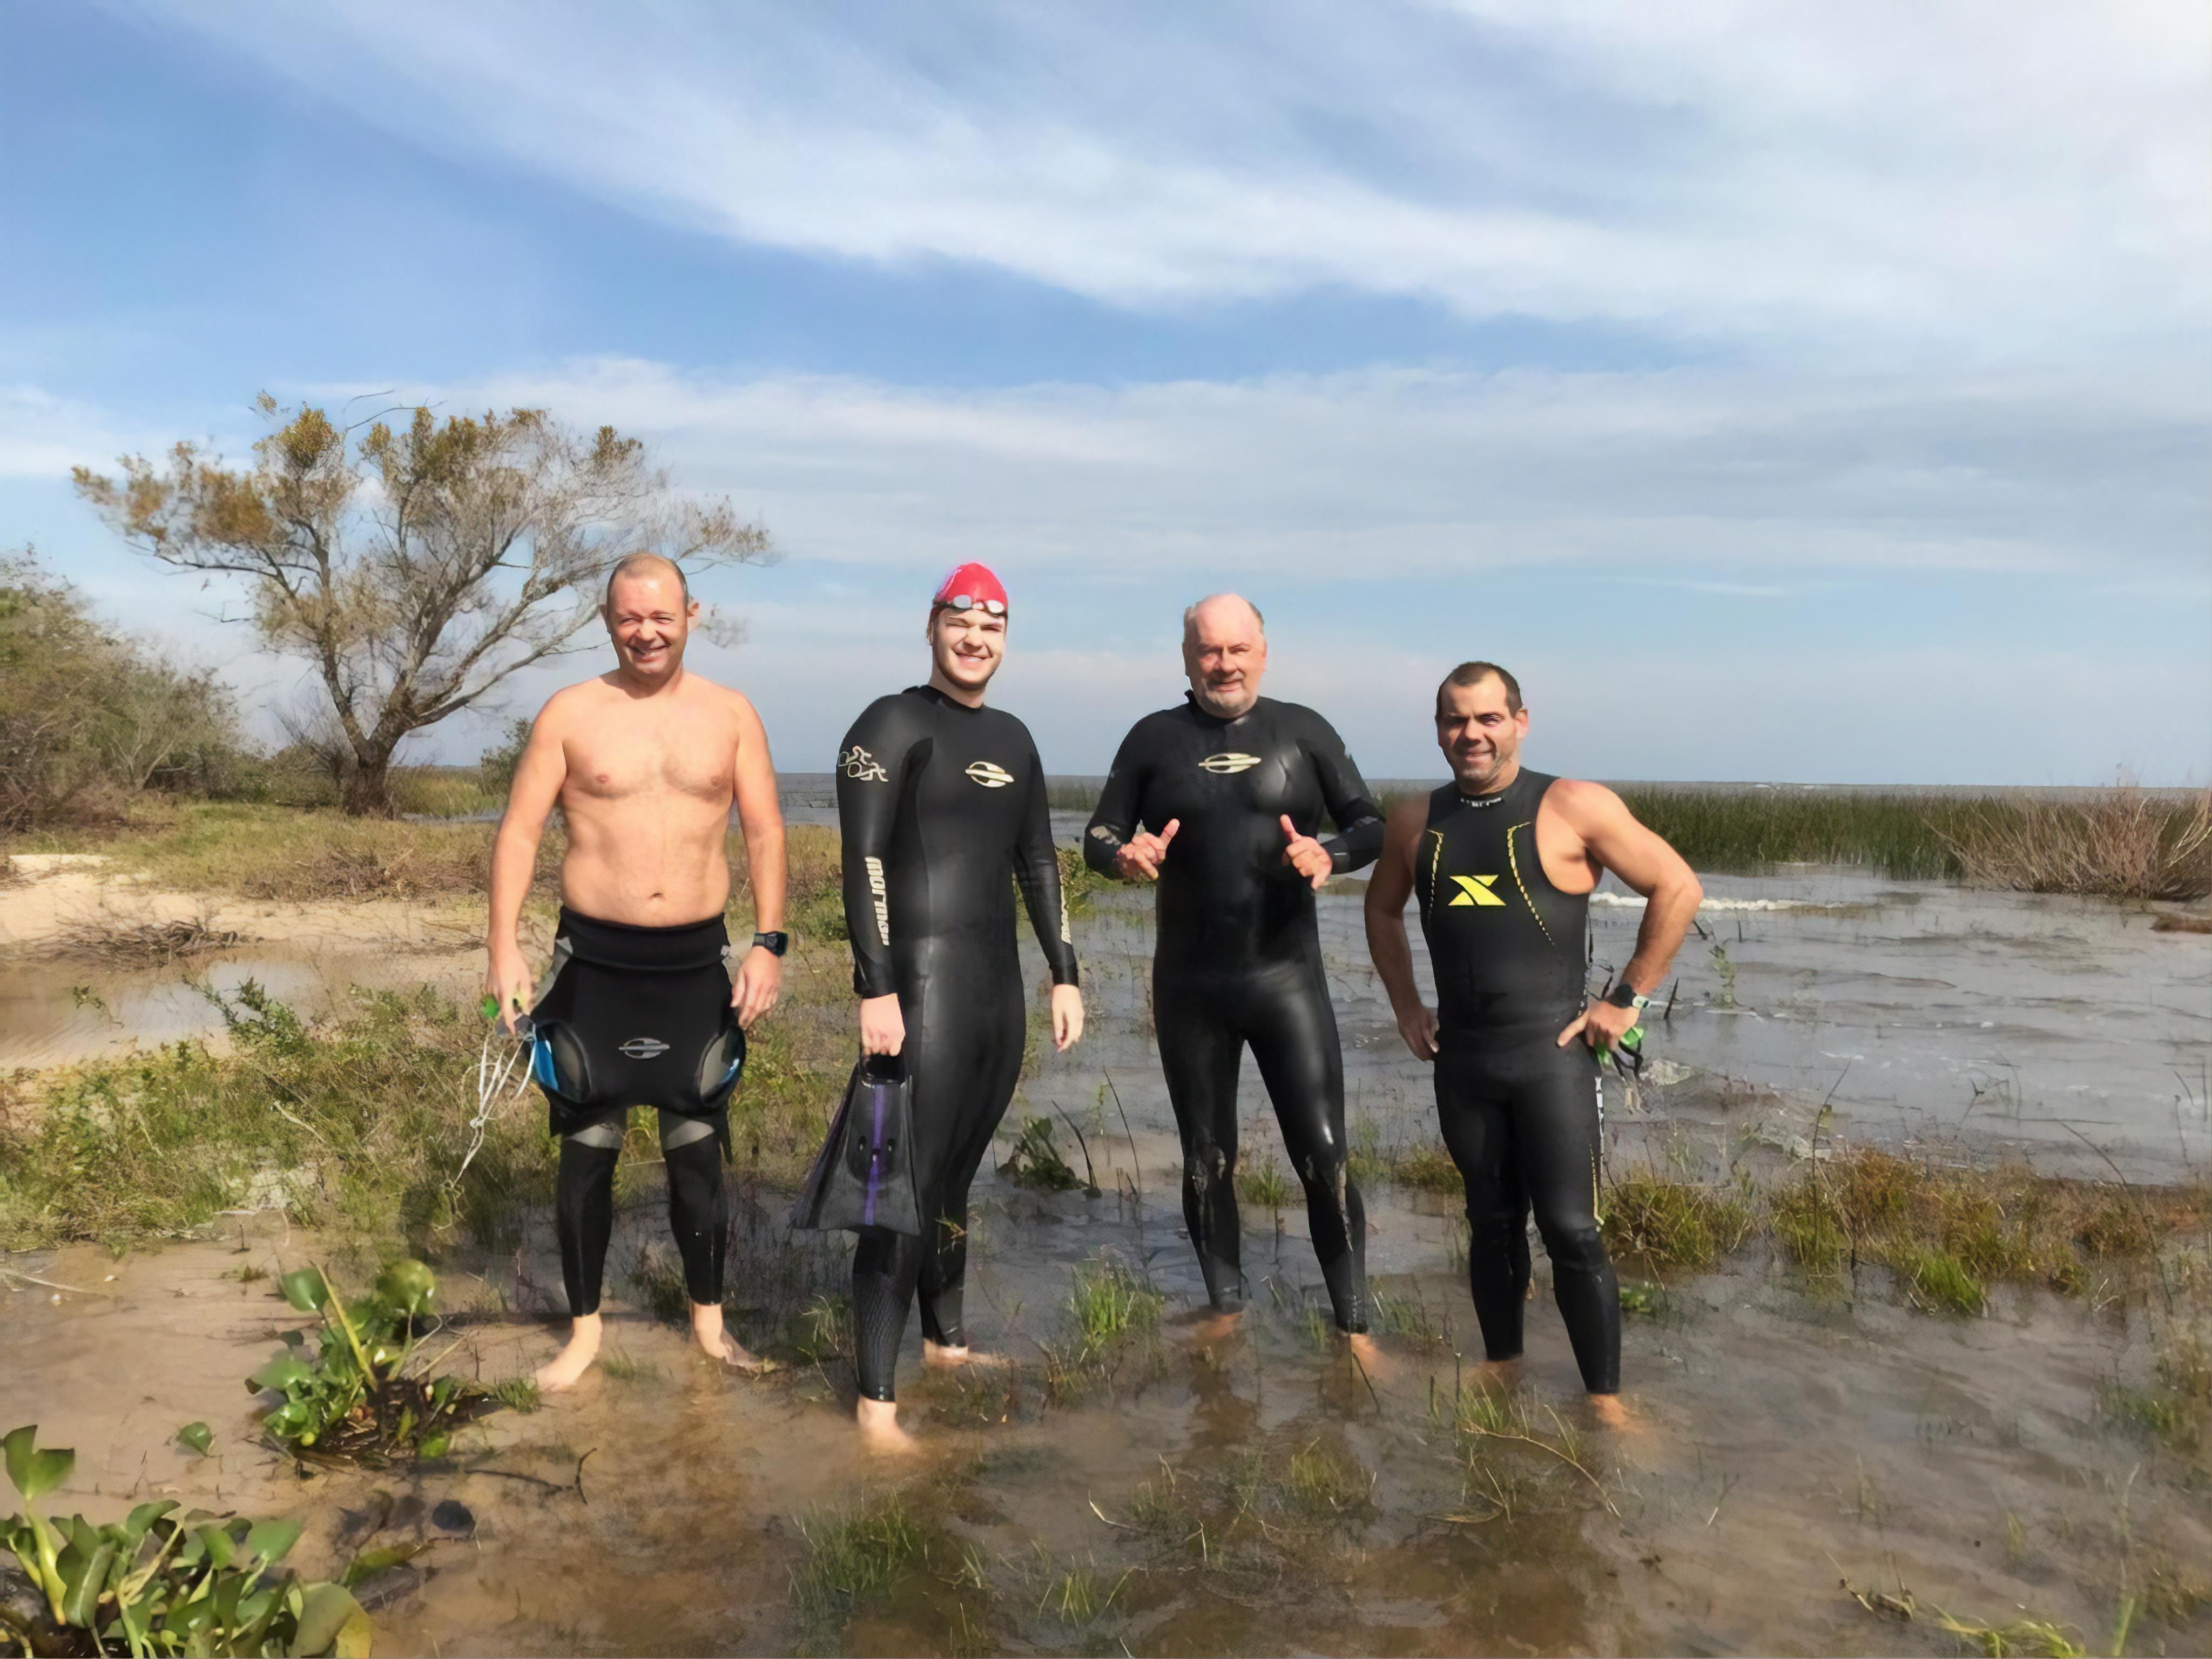 Projeto Nadando Pelos Cartões Postais tem desafio de 11 Km no Foz do Rio Palmares